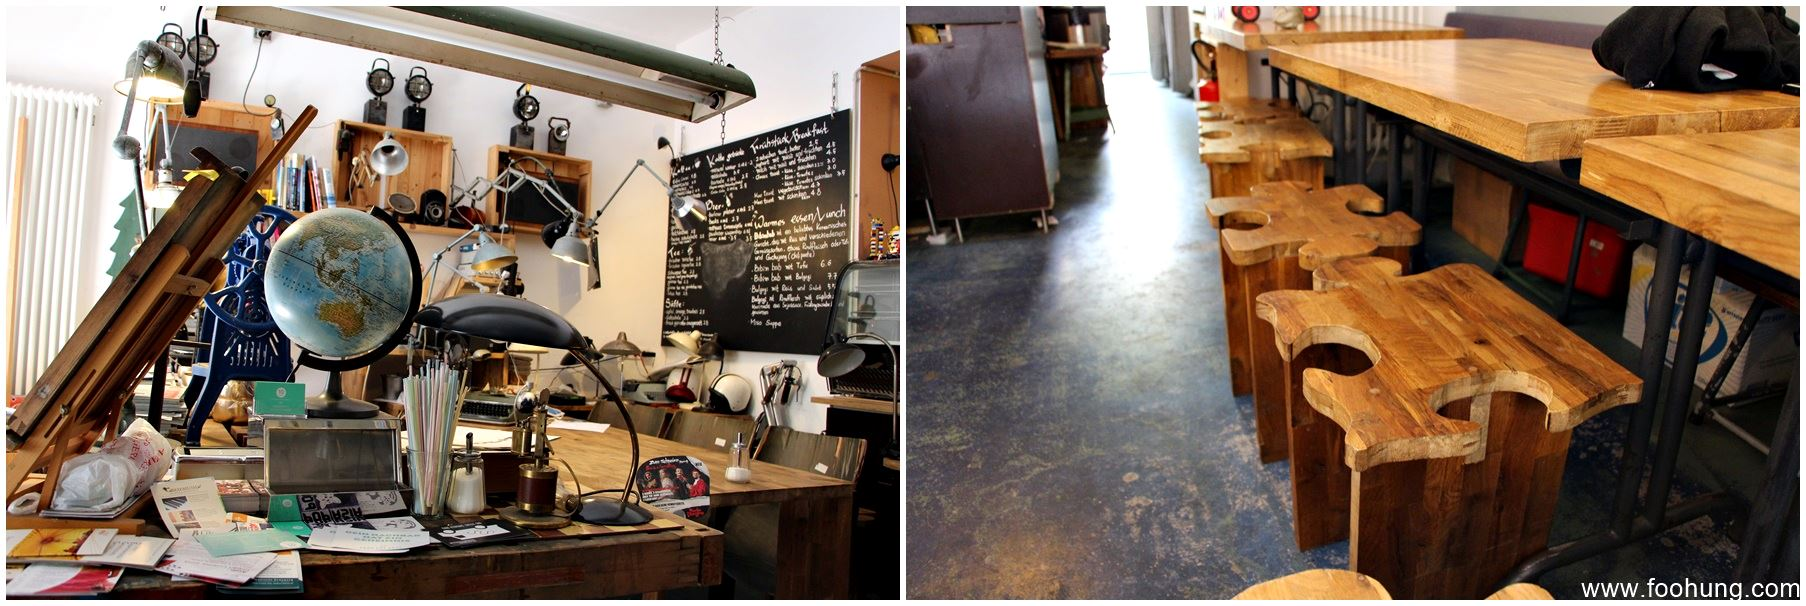 Café Gong Gan Berlin 4